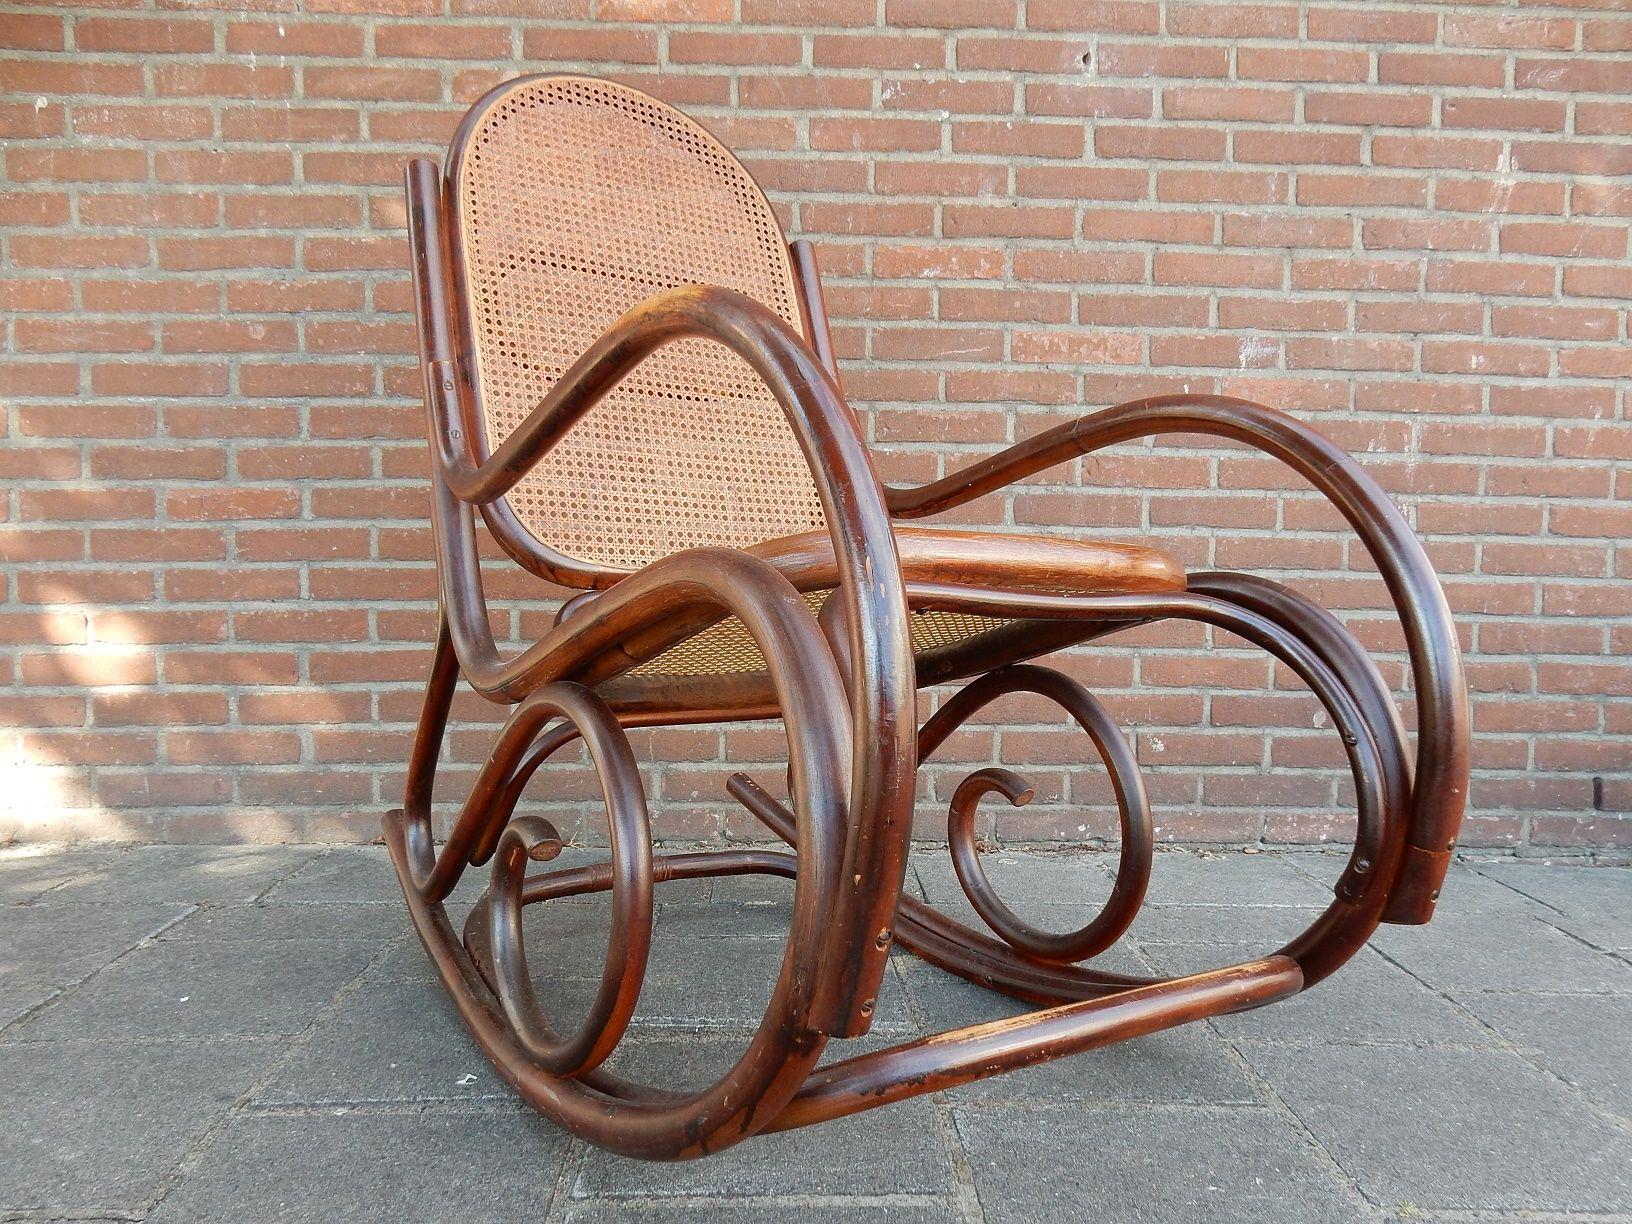 Prijs Thonet Stoel : Thonet schommelstoel het ontwerp voor deze aantrekkelijke houten